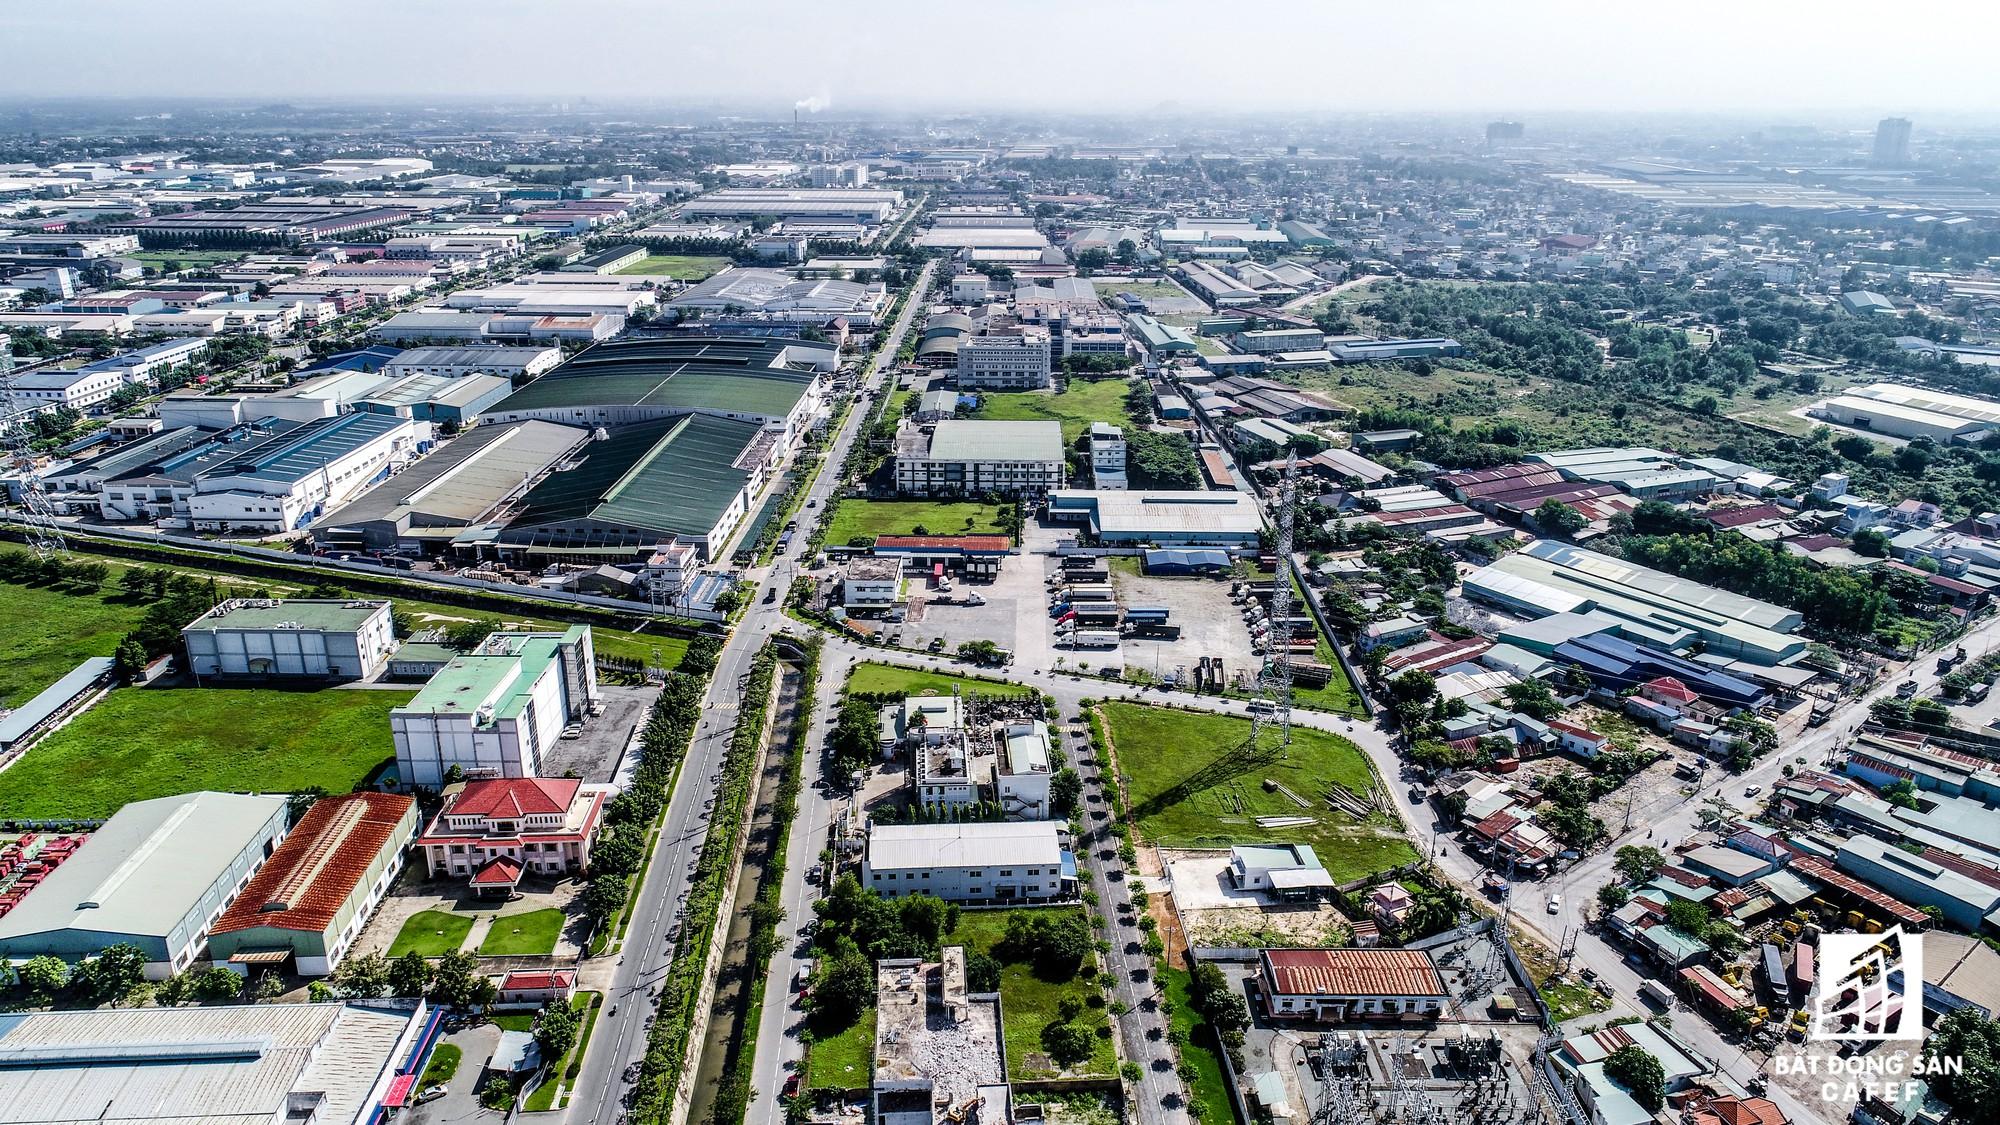 Trong số các dự án này nổi bật nhất là dự án Khu Công nghiệp Việt Nam - Singapore (VSIP), tọa lạc gần Tổ hợp Becamex City Tower.